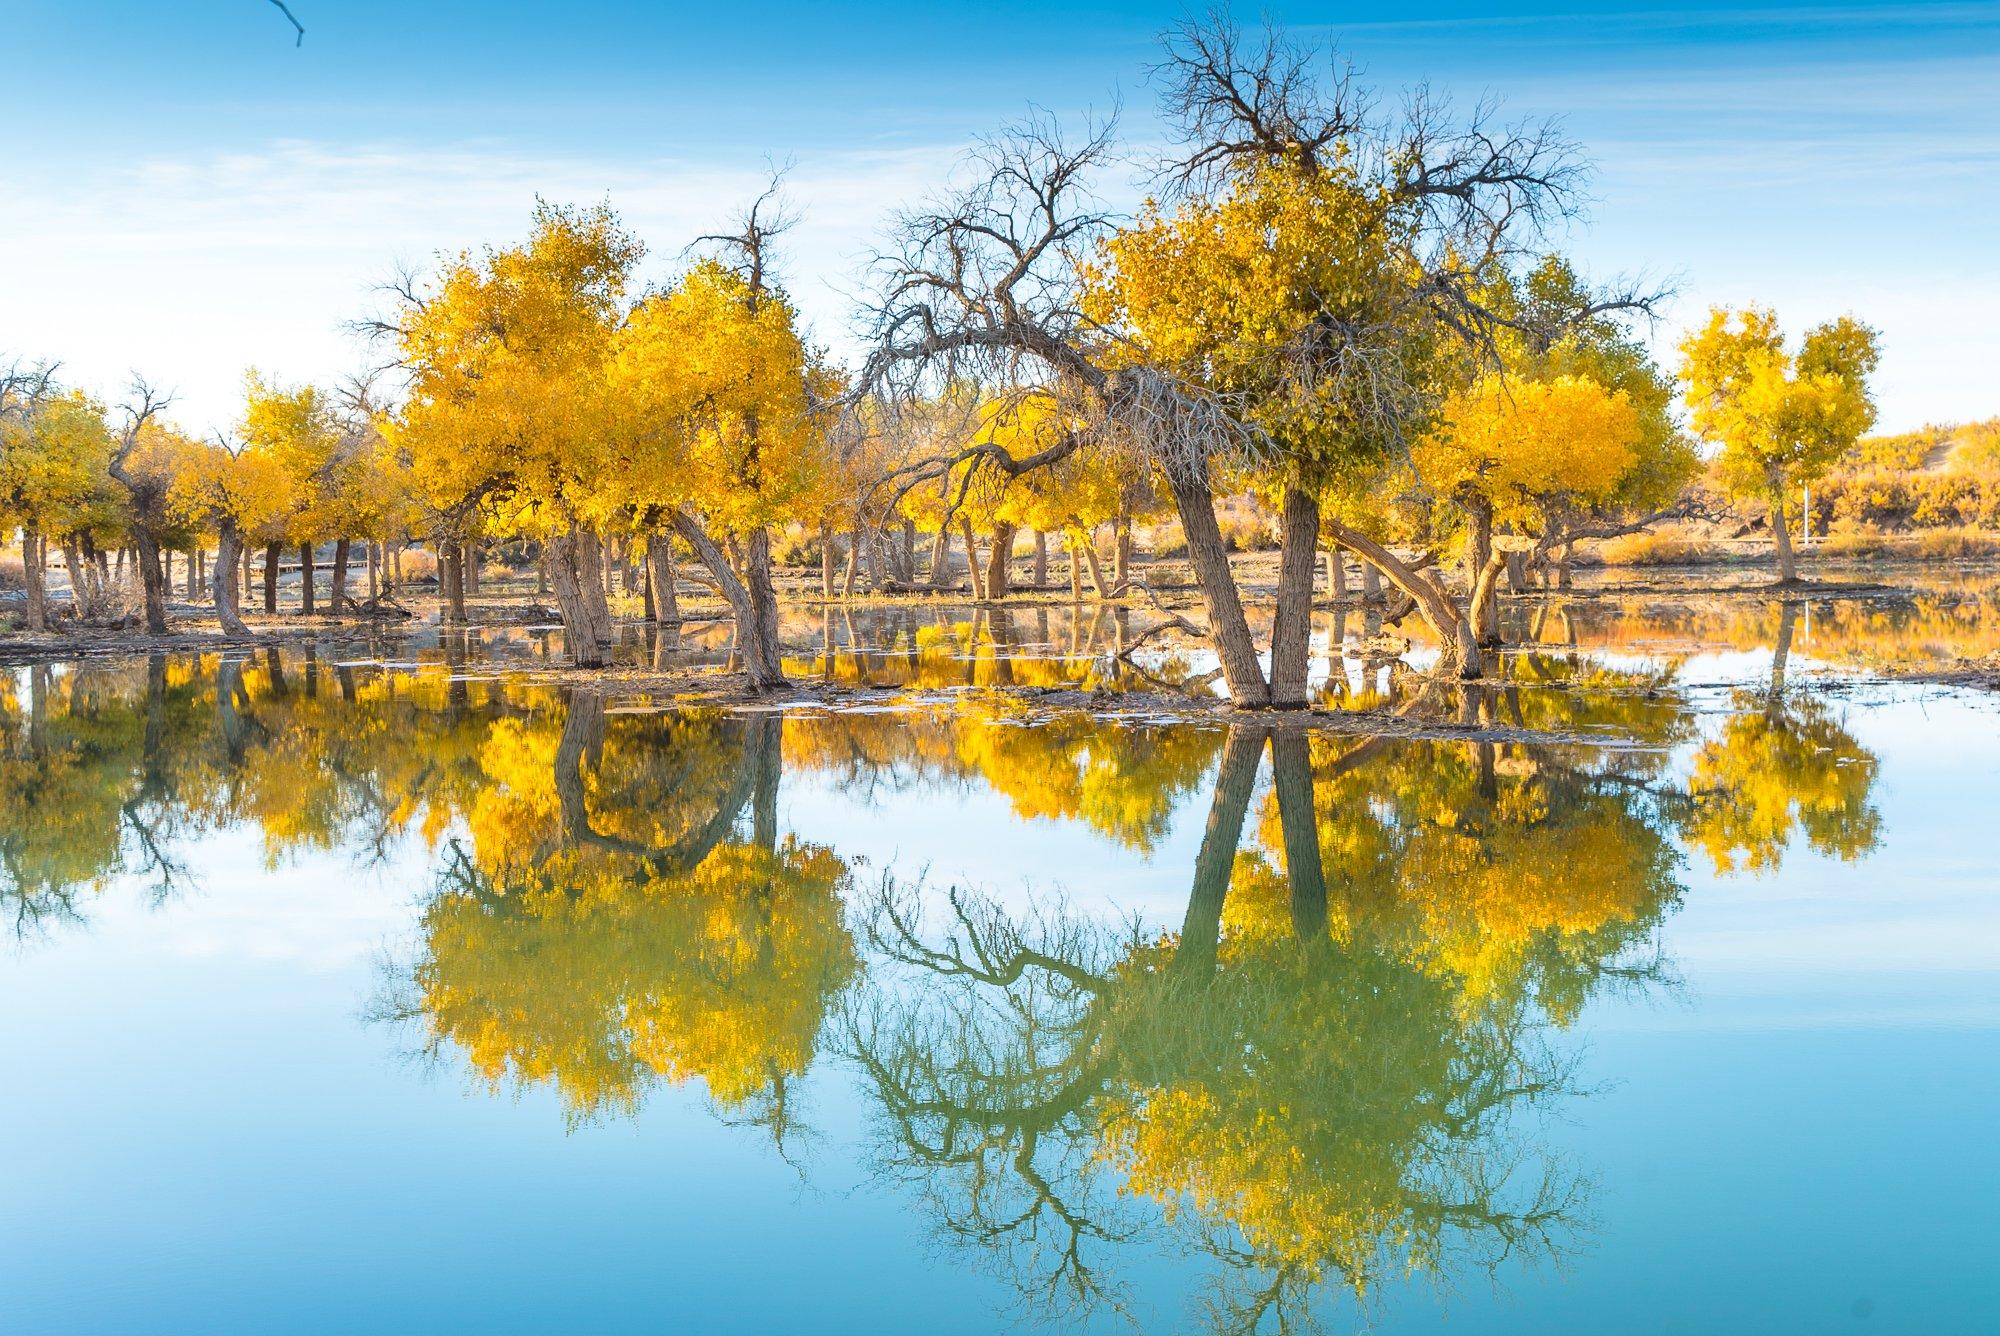 西北壮行,三千年胡杨林秋的守望,奔袭巴丹吉林大漠奇缘